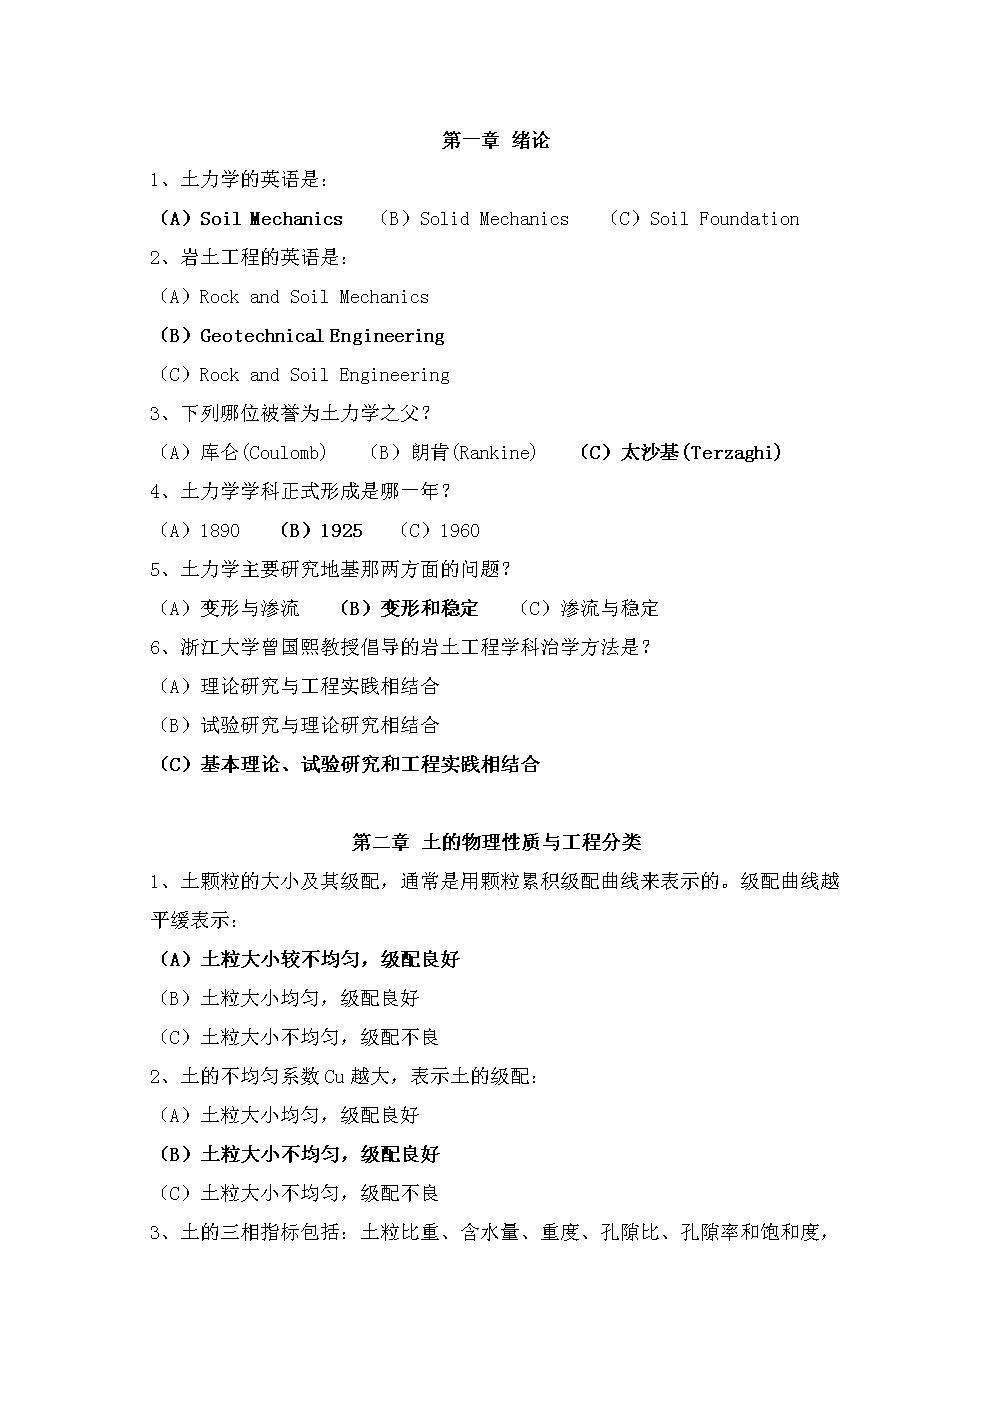 浙江大学土力学题库及答案.doc